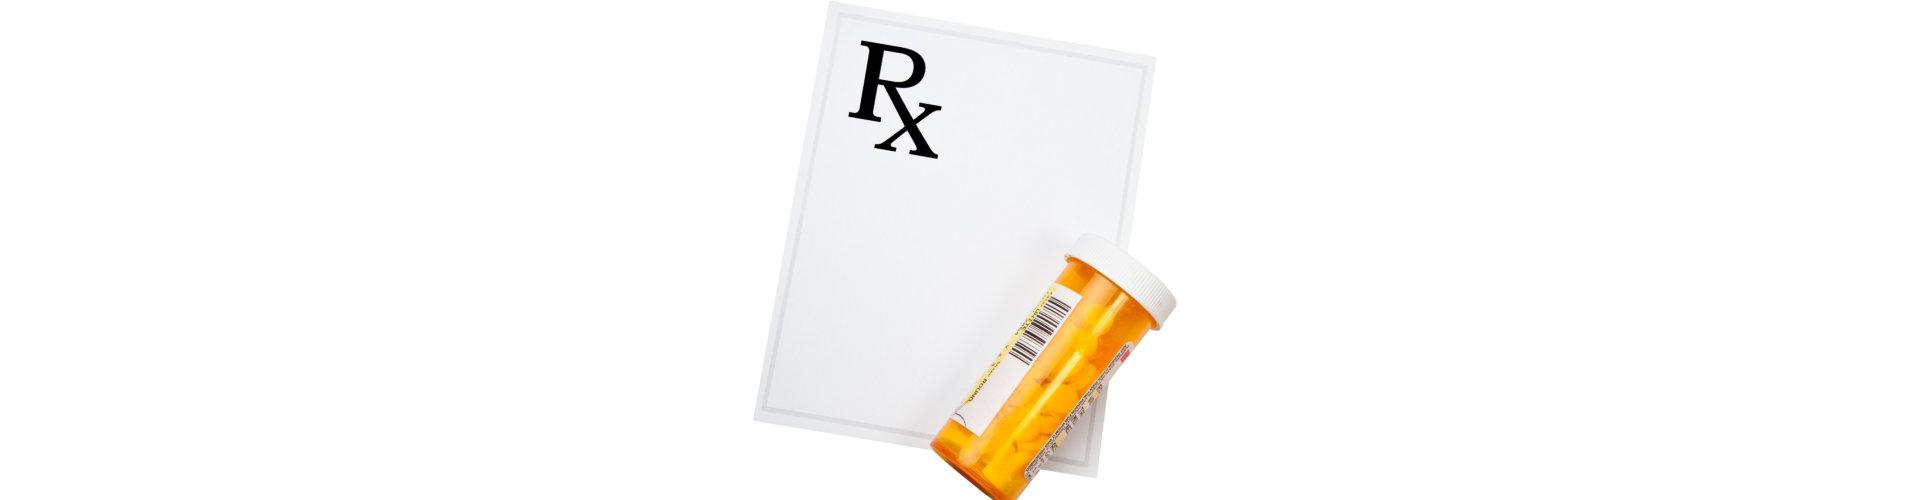 medical prescription with medicine